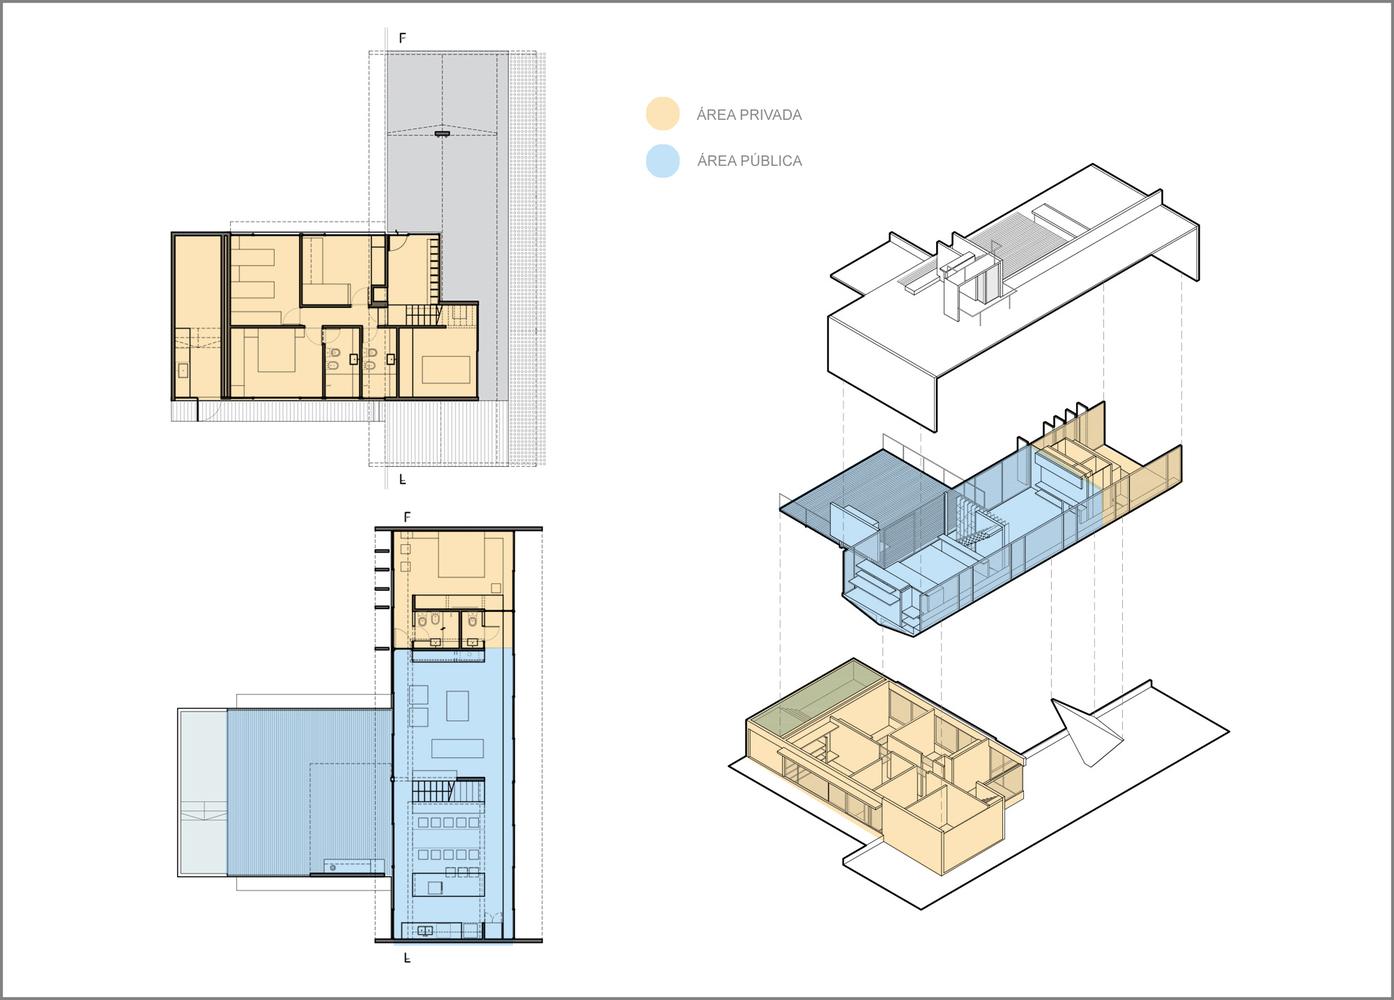 Esquemas funcionales: estrategias de organización programática en casas de Argentina,Casa Cariló / Luciano Kruk. Image